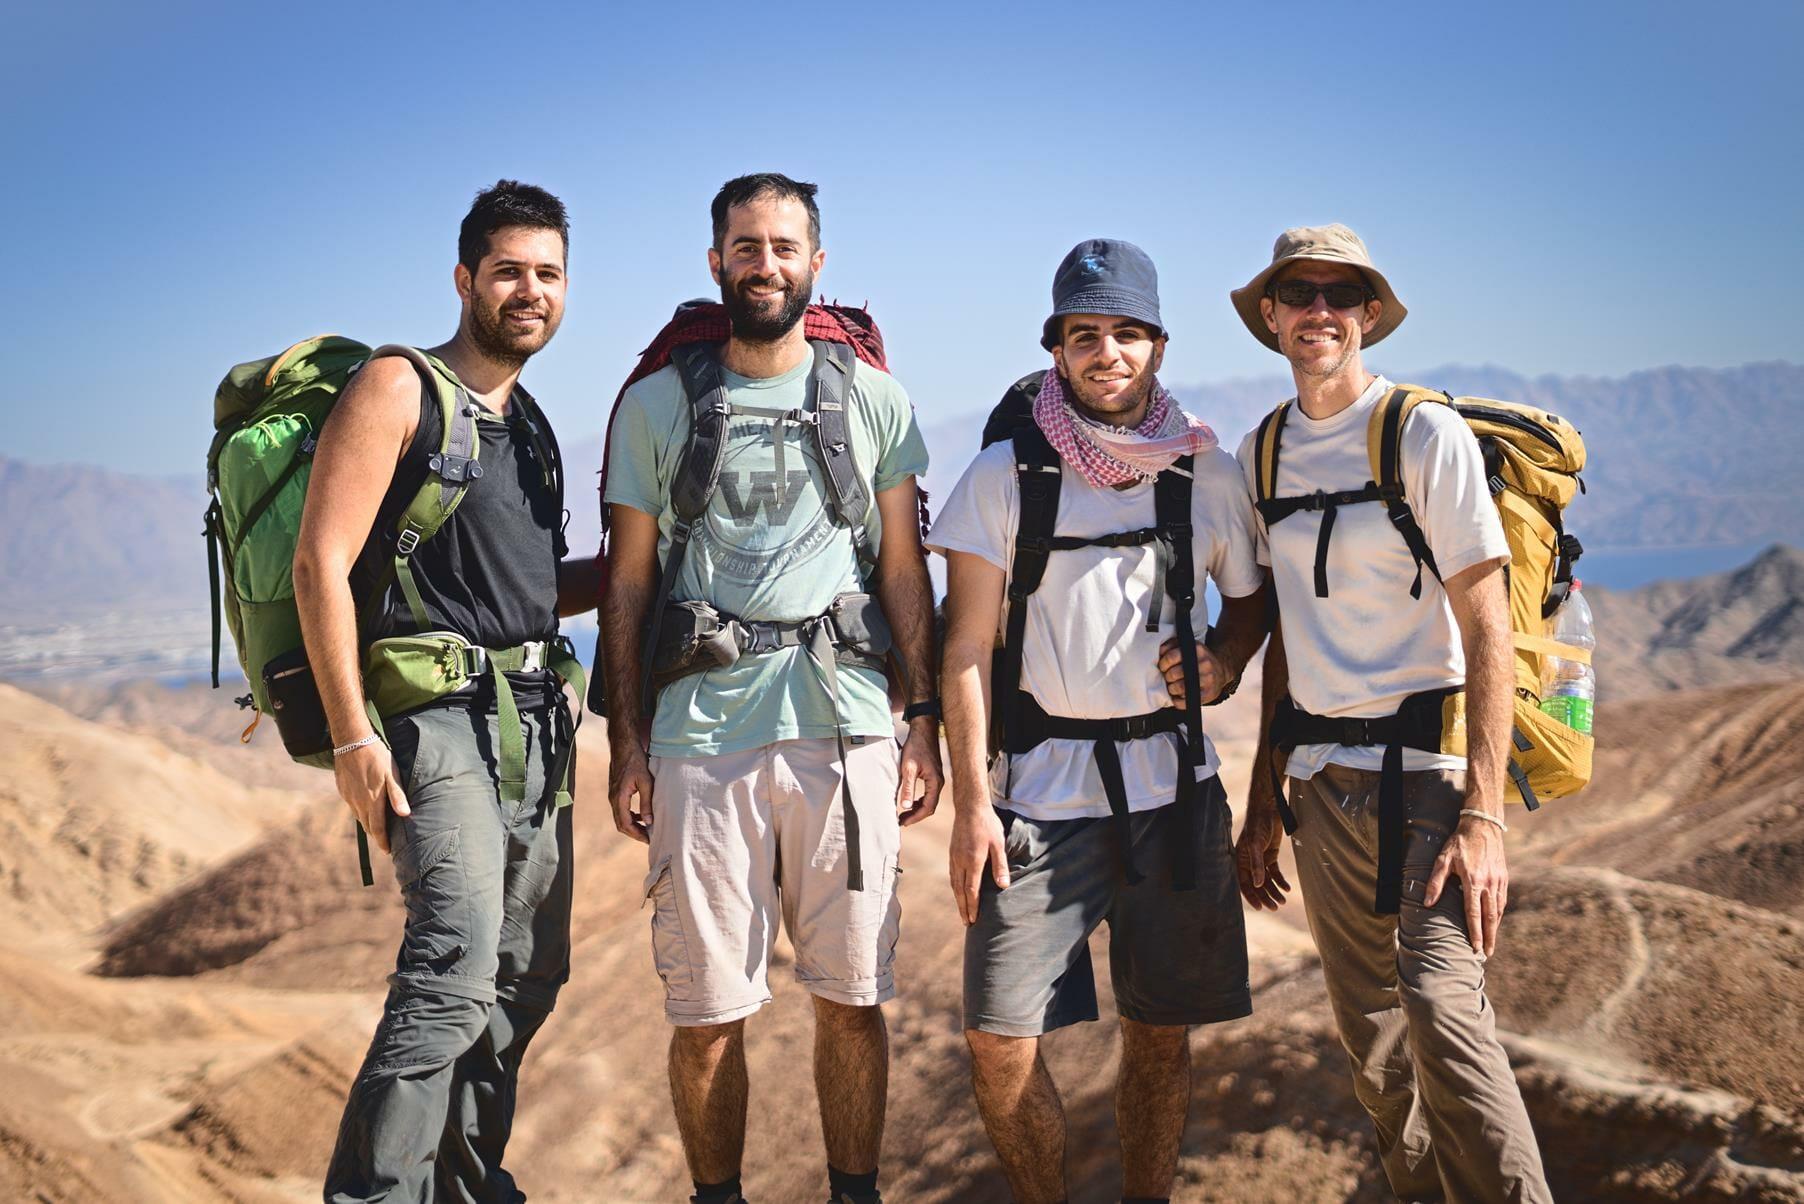 שביליסטים בהר צפחות, שביל ישראל בהרי אילת, צילום: יוסי אביטל